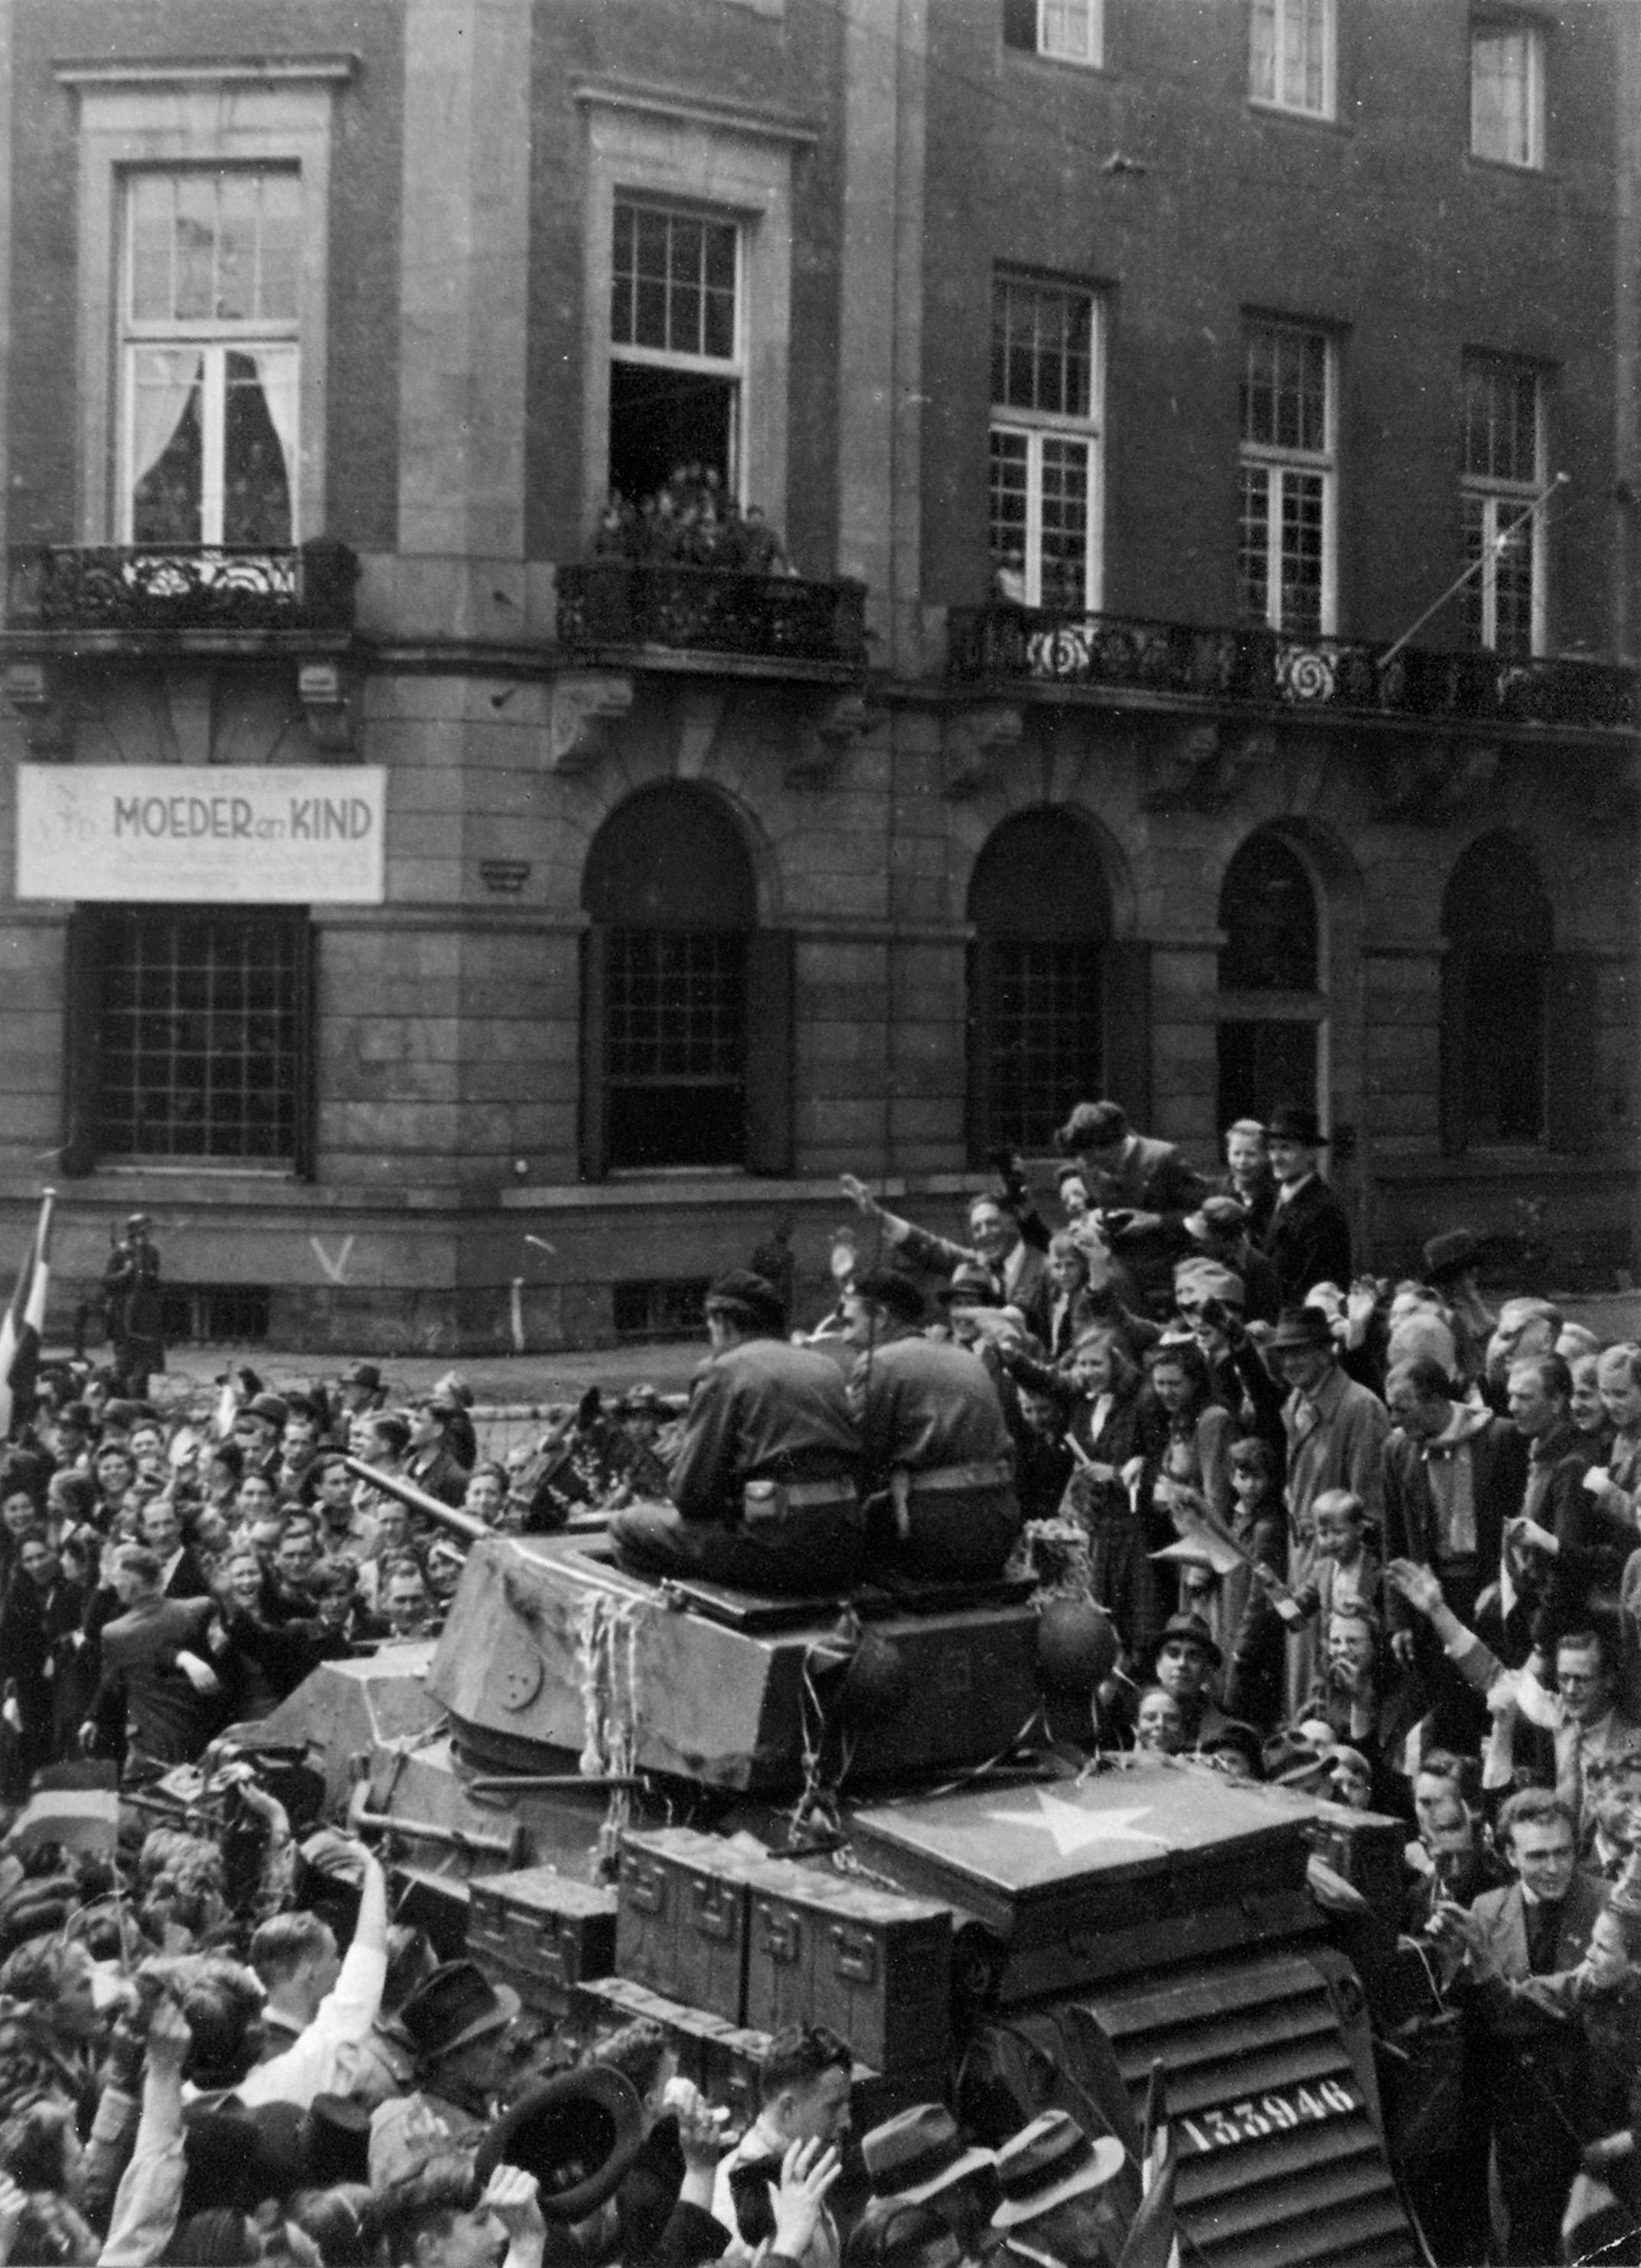 Schoten die Duitsers écht op de menigte op de Dam?